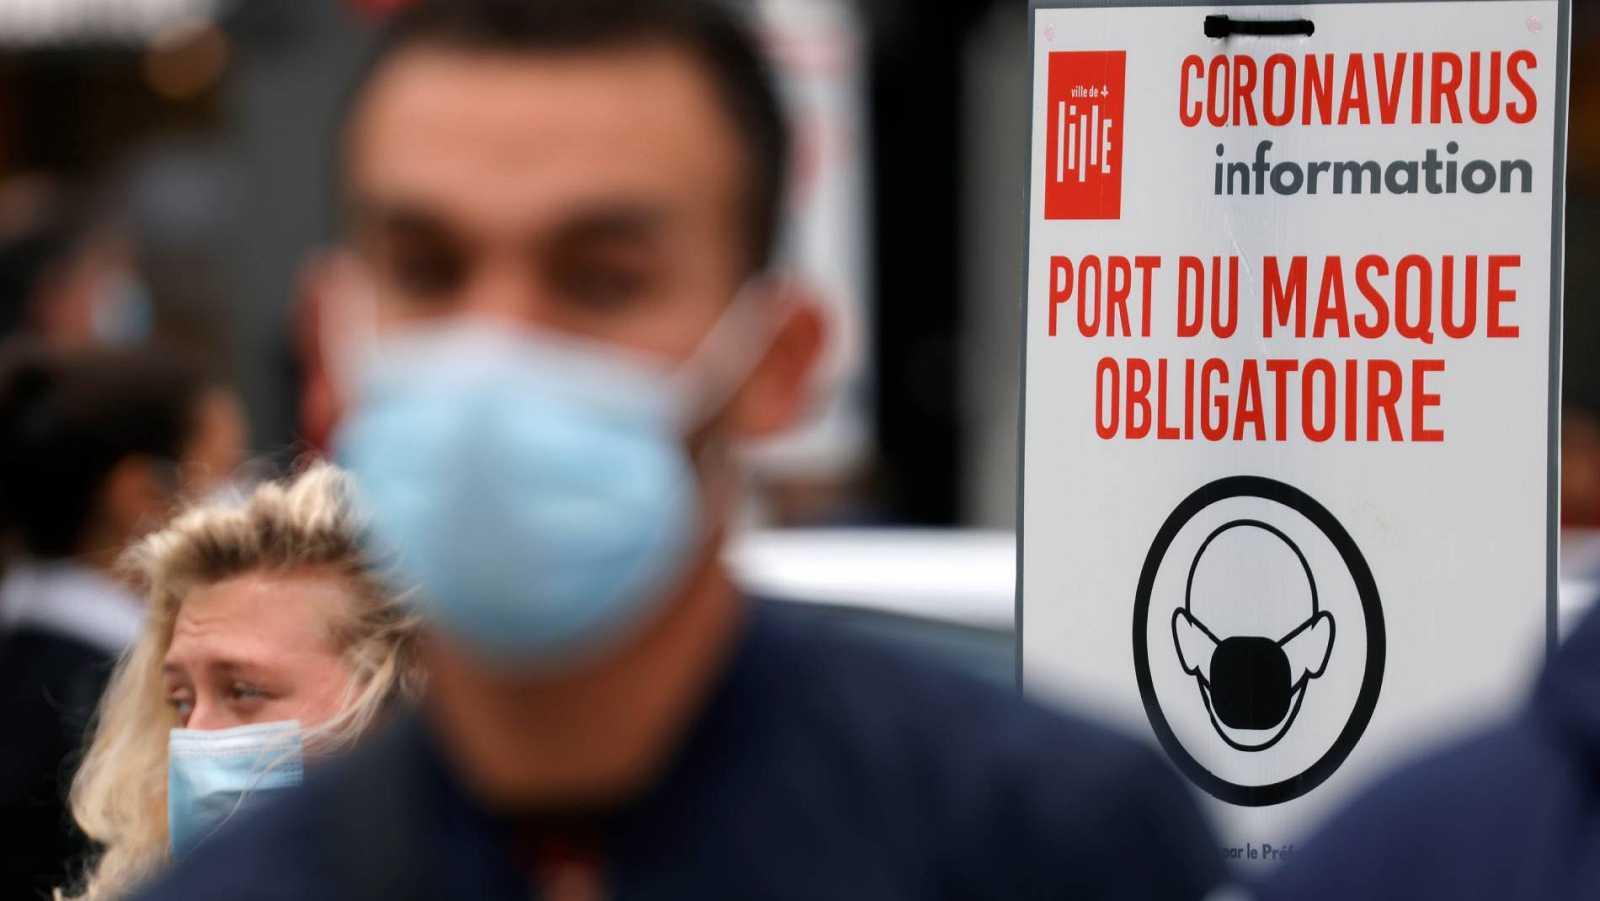 Varios países europeos registran las cifras más altas de contagios de contagios de la pandemia de coronavirus